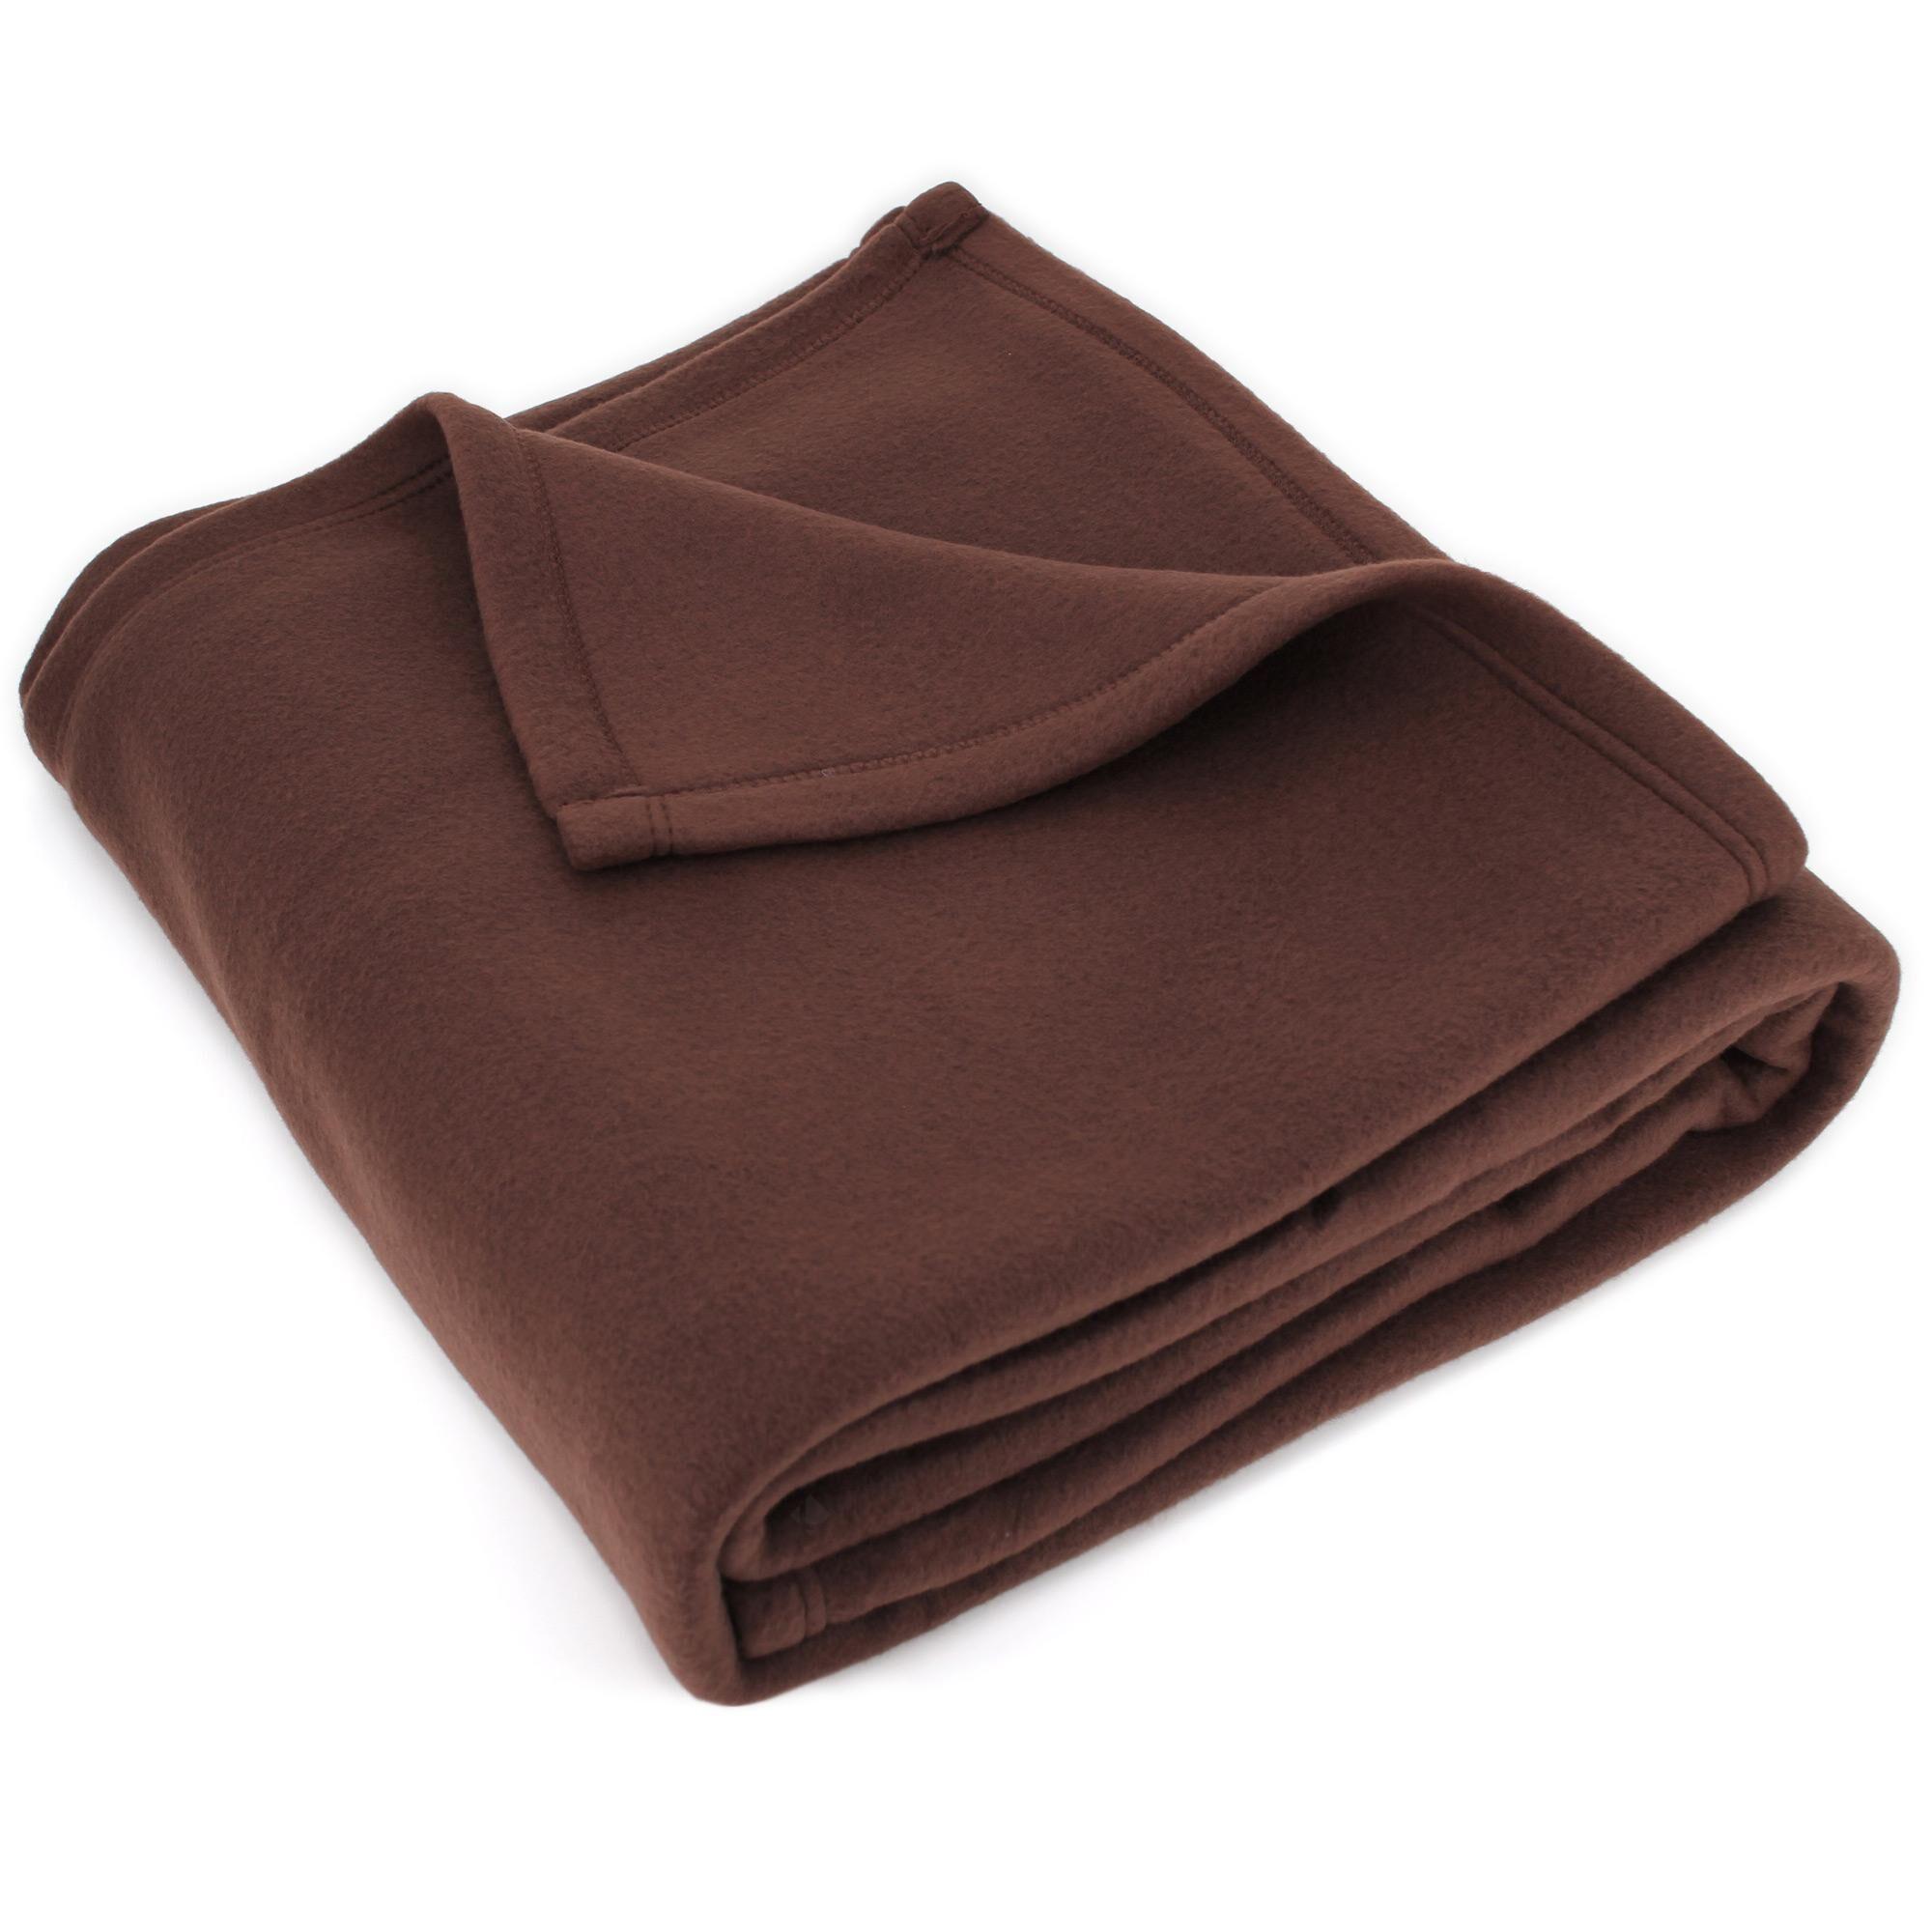 Linnea Couverture polaire 220x240 cm Isba marron Chocolat 100% Polyester 320 g/m2 traité non-feu